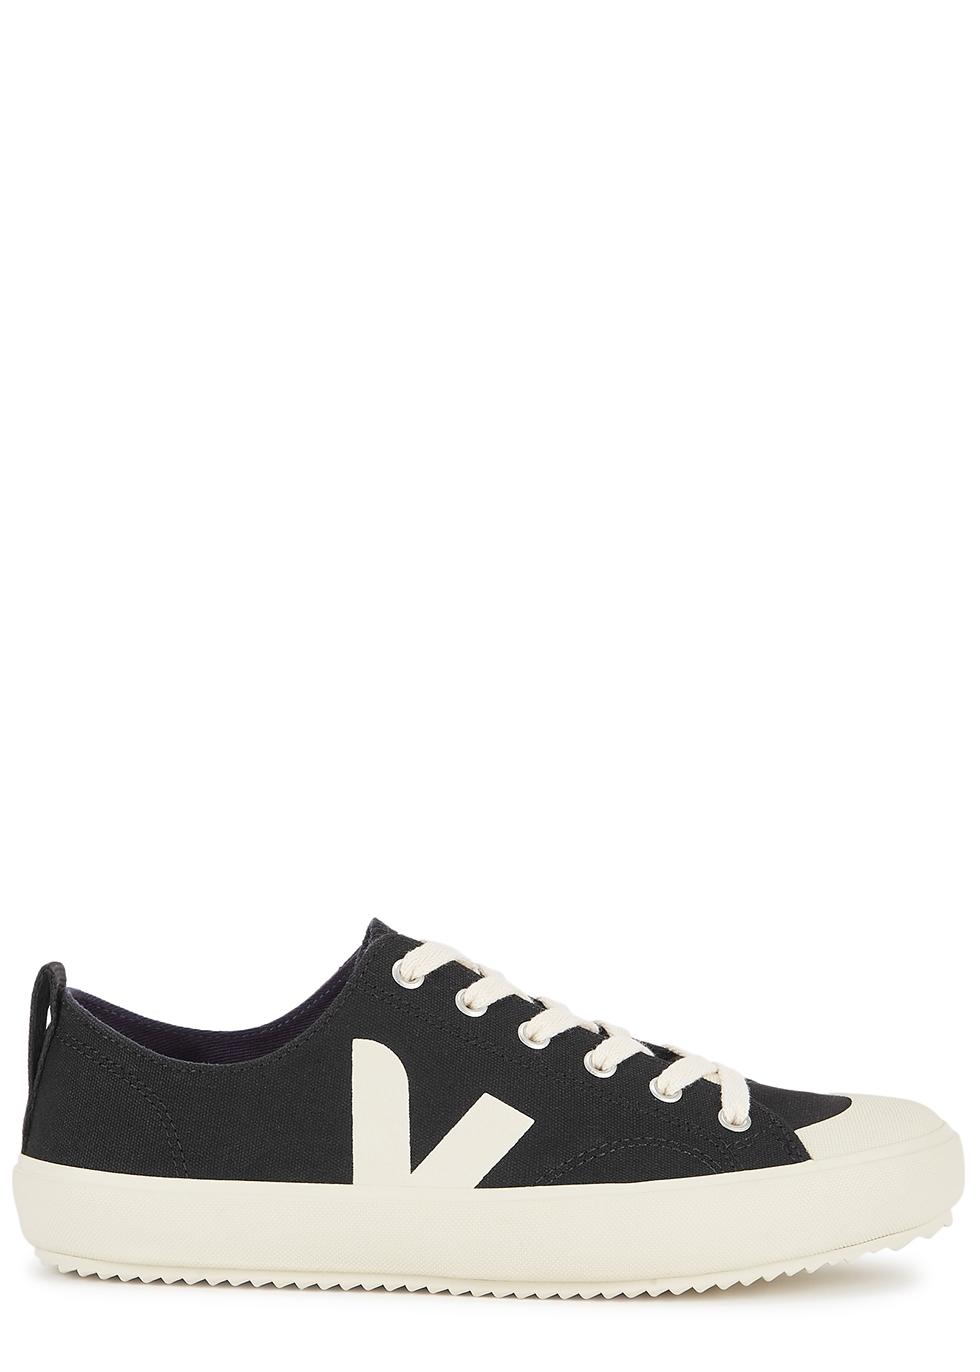 Nova black canvas sneakers